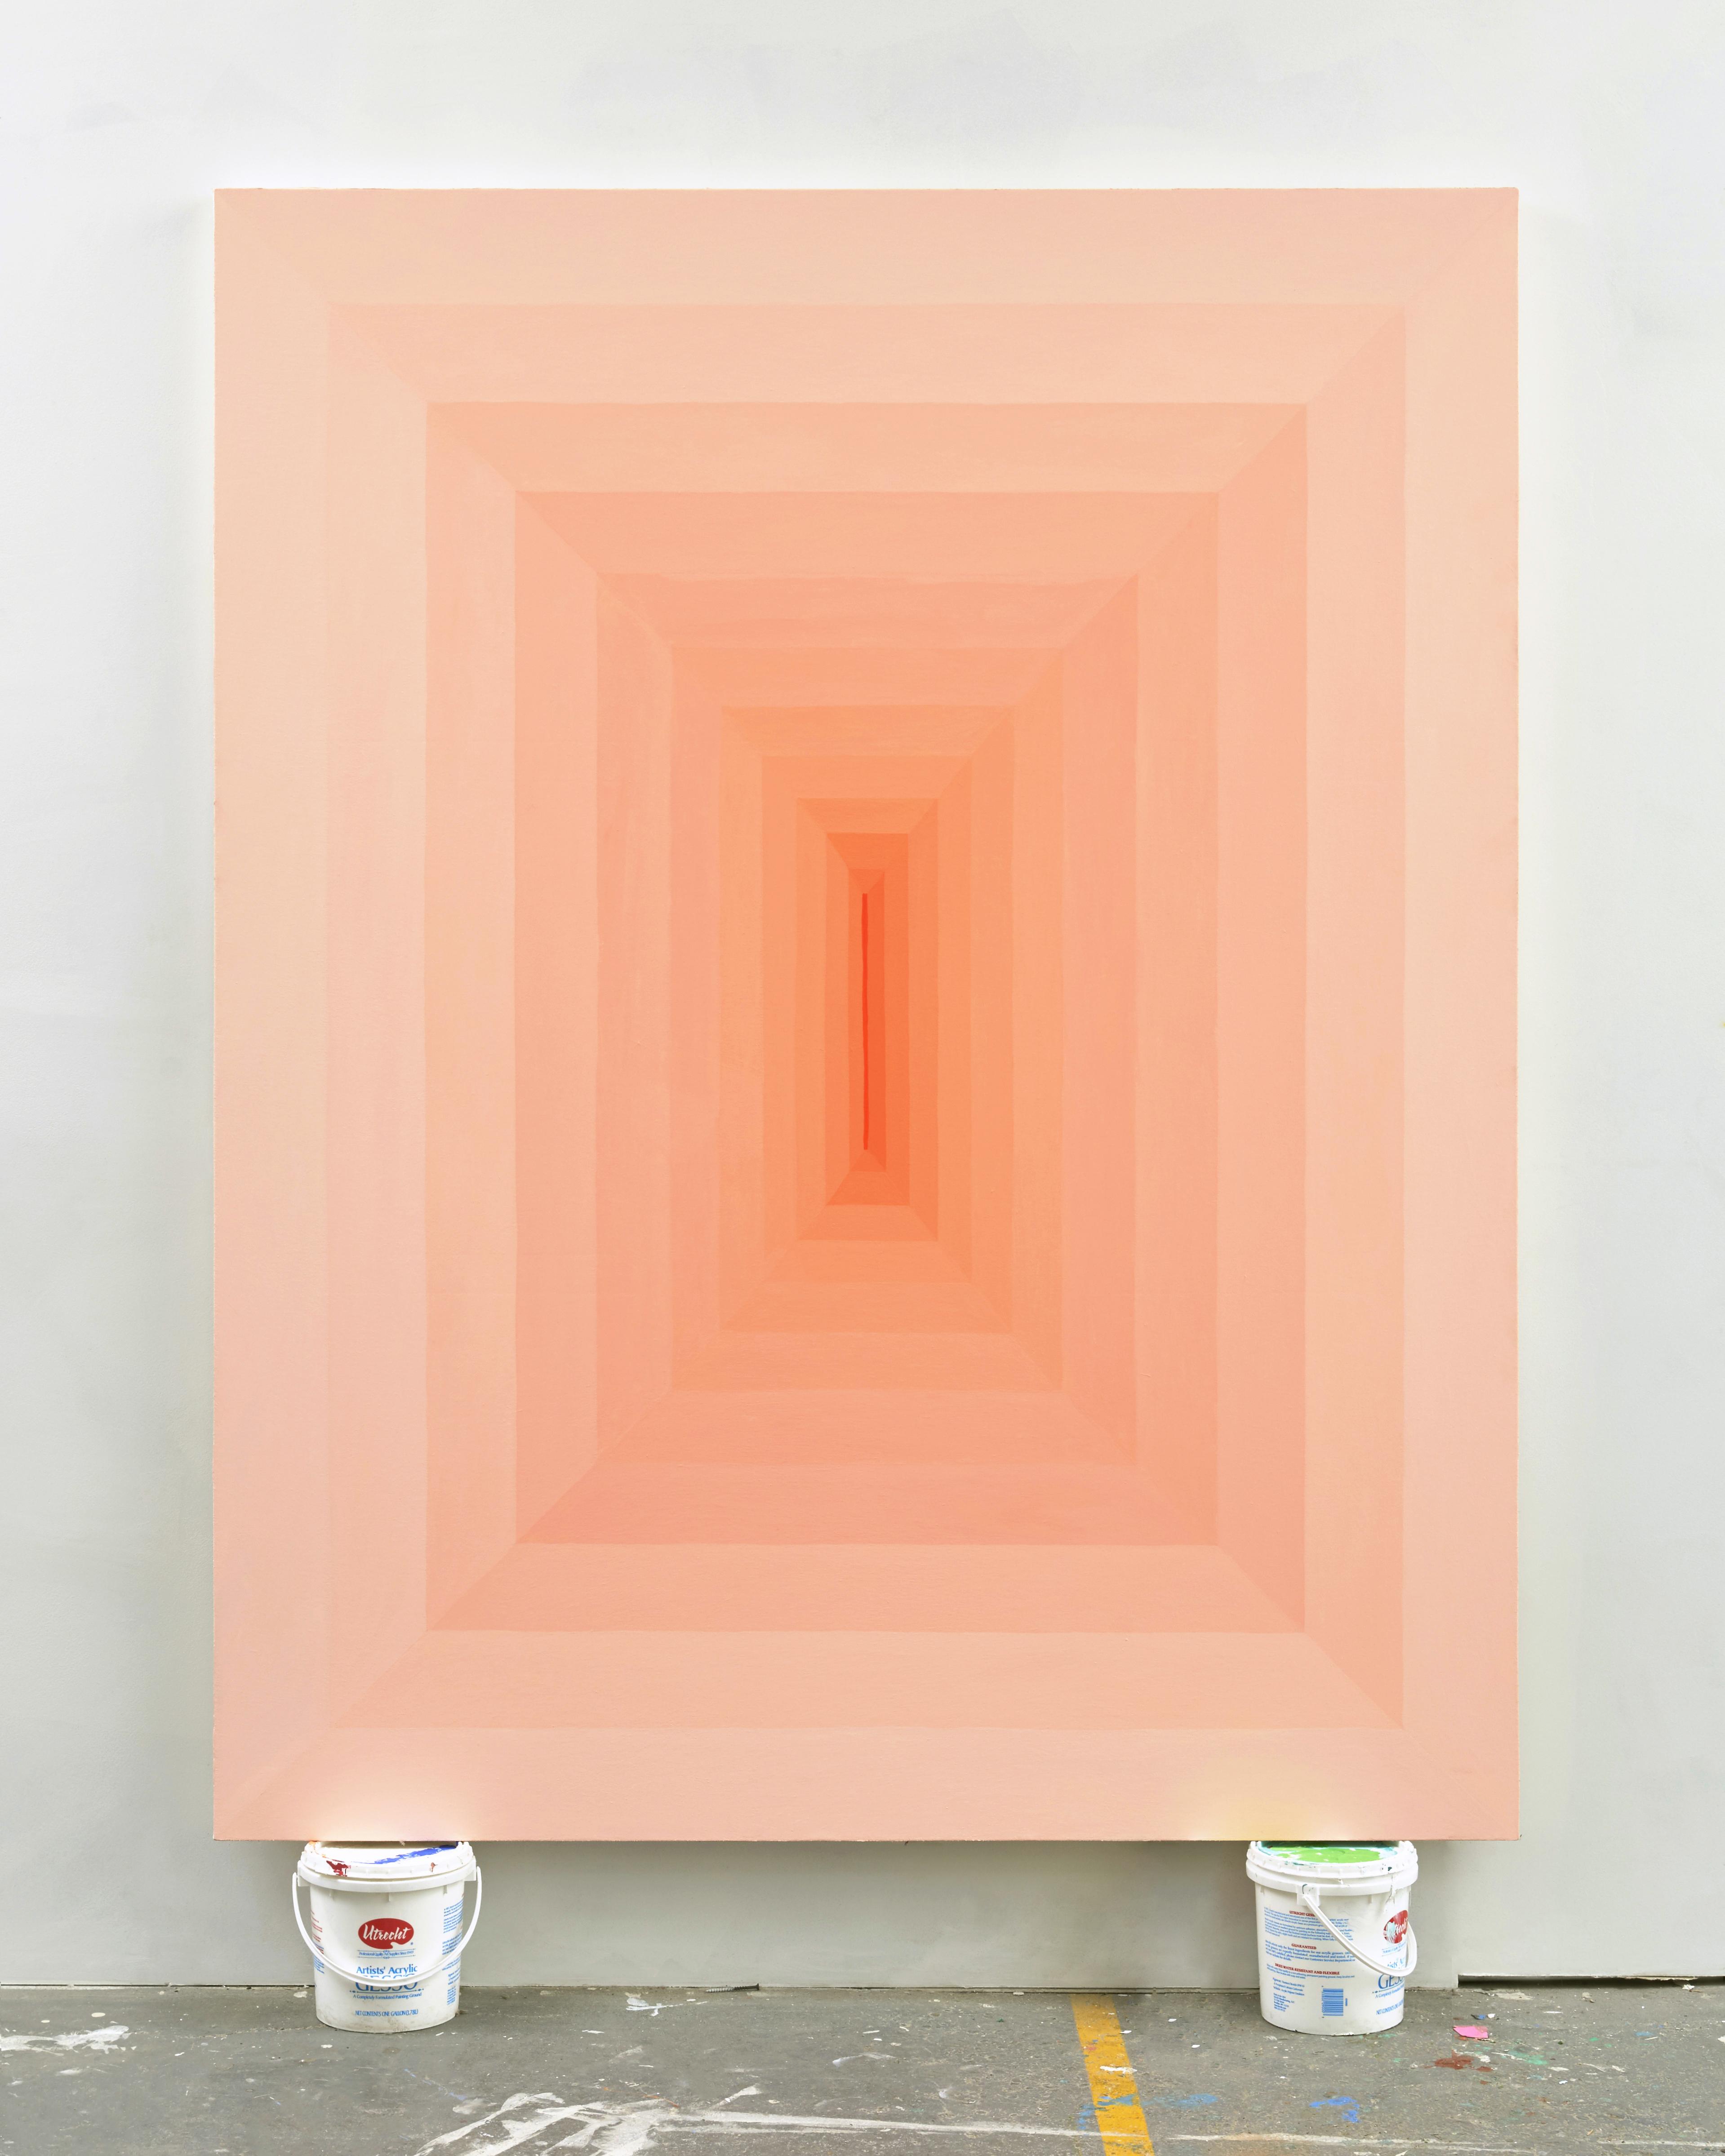 Corydon Cowansage, Hole 15, 2017, acrylic on canvas, 75 x 59 inches